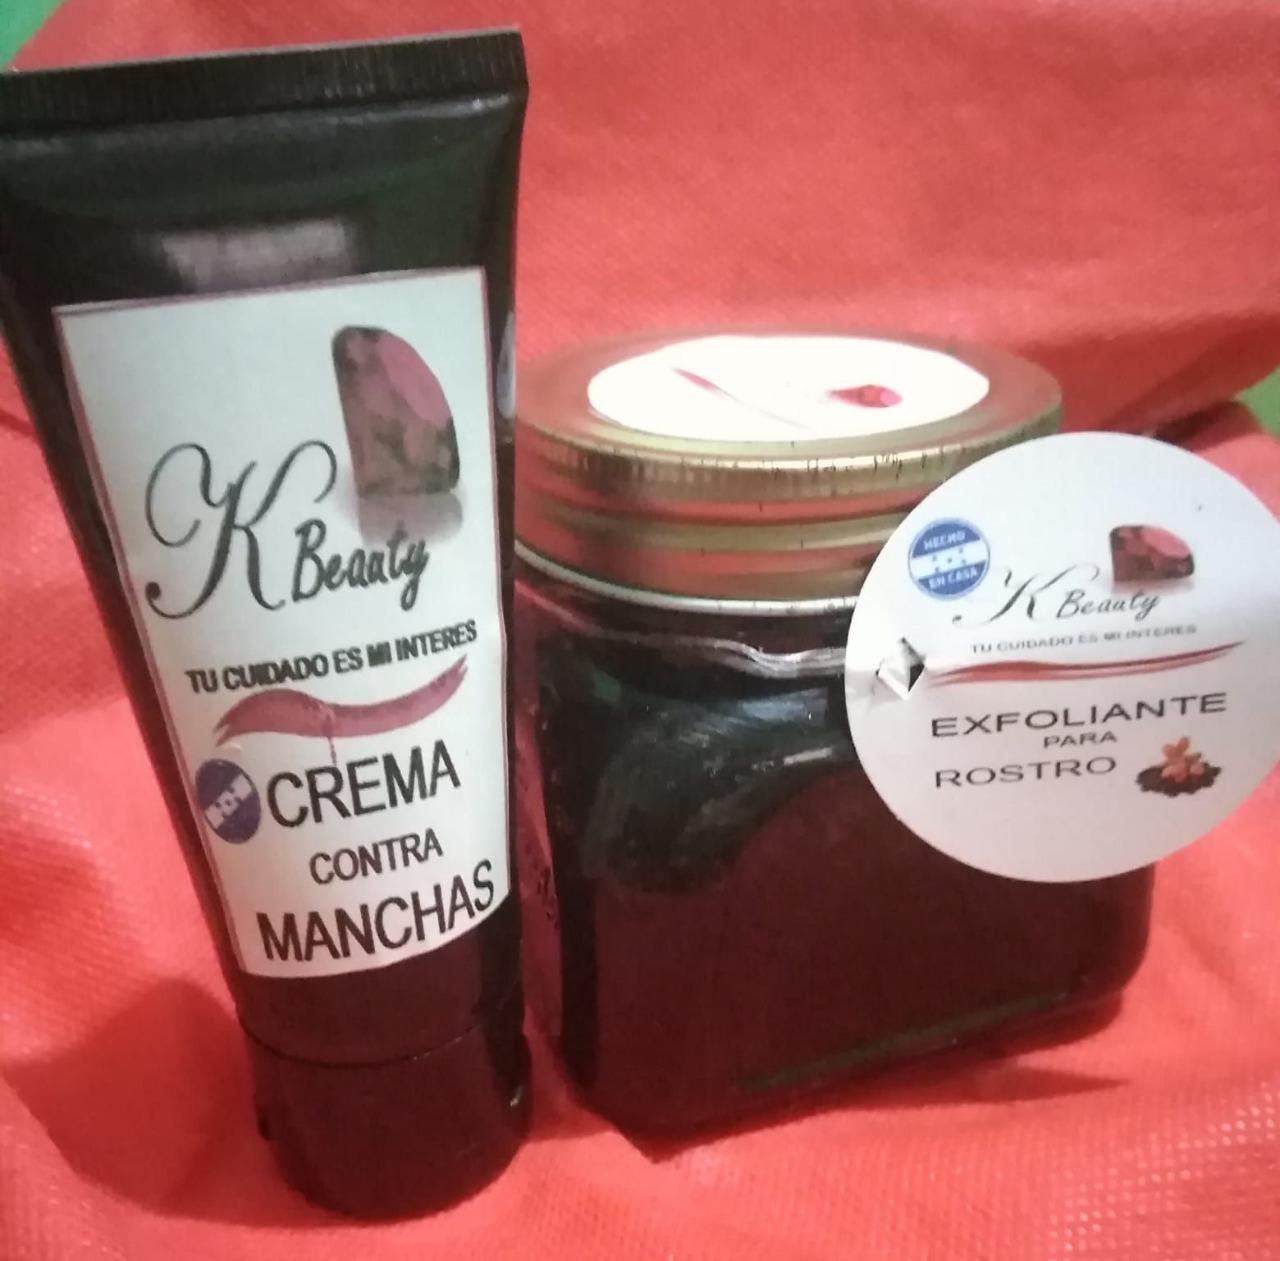 Exfoliante y crema contra manchas